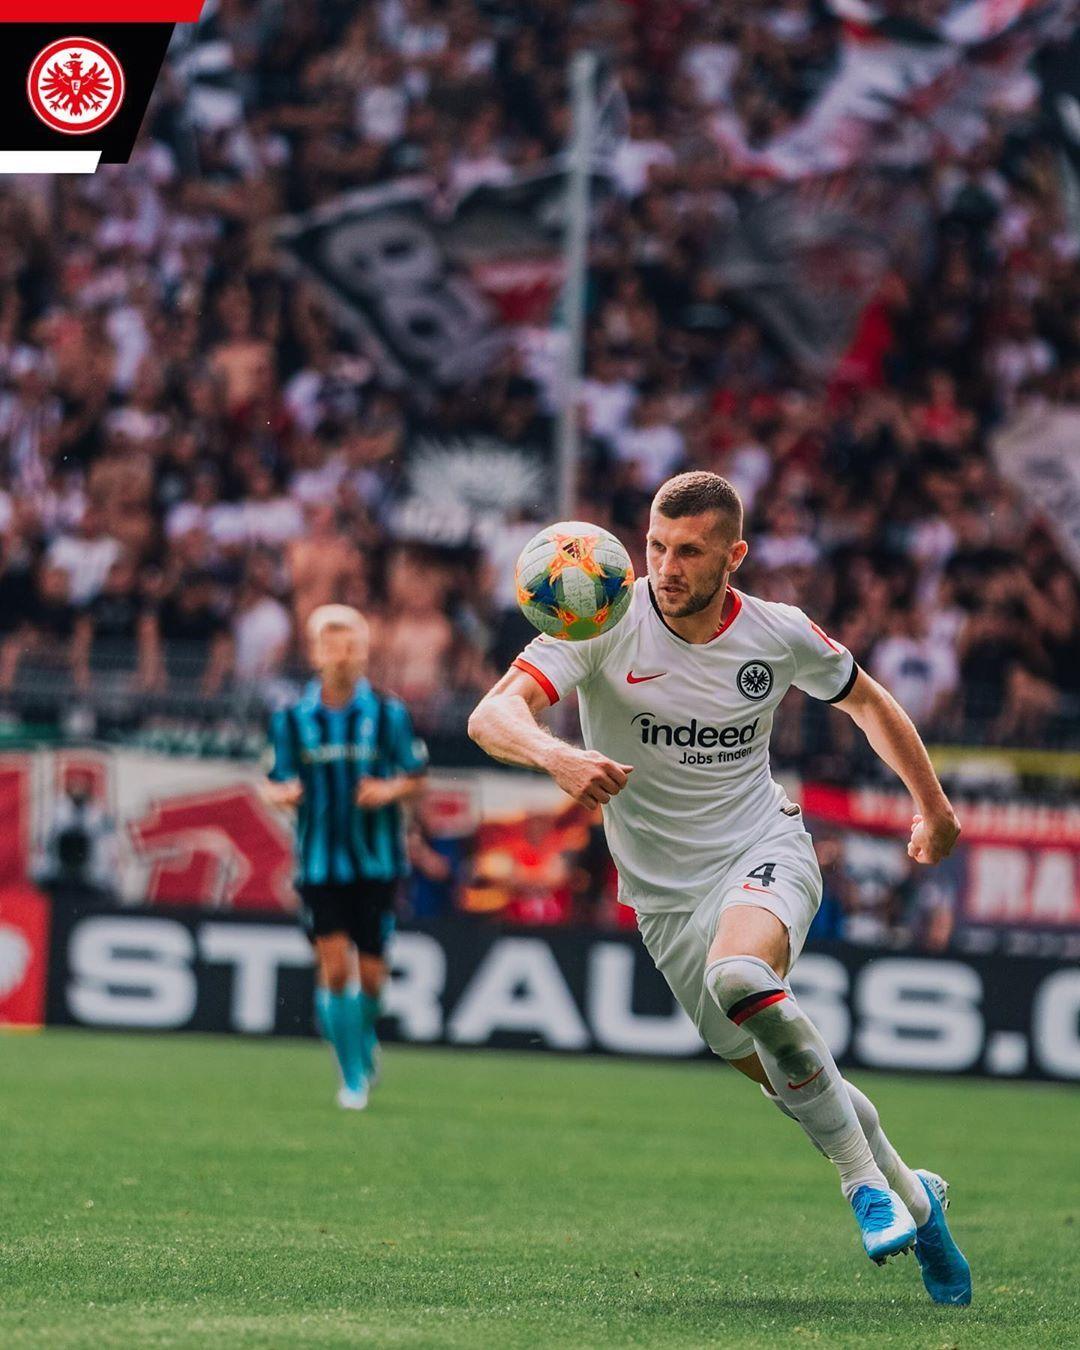 12 29 Min Brauchte Anterebic Fur Seinen Hattrick Sgefact Sge Eintracht Frankfurt Eintrachtfrankfurt Eintracht Frankfurt Eintracht Frankfurt